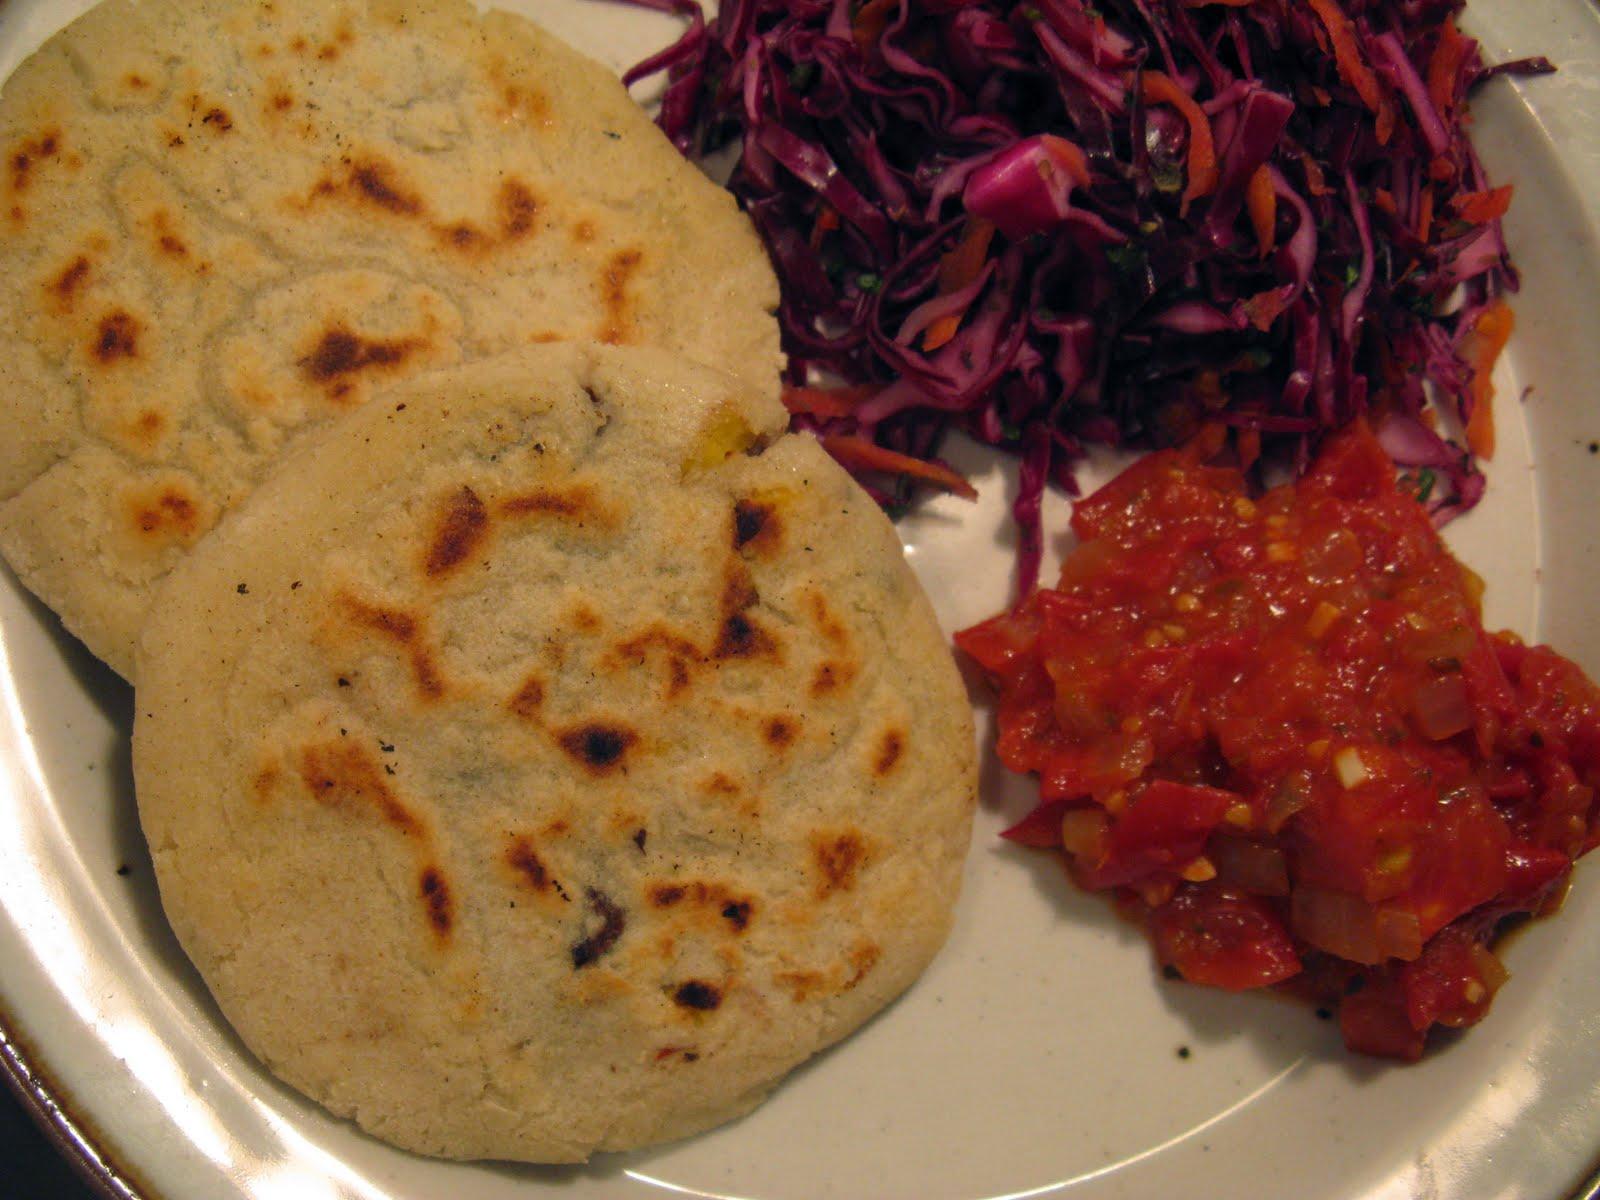 Vegan Eats and Treats!: VeganMoFo: Salvadorian Pupusas ...Salvadoran Pupusas Sauce